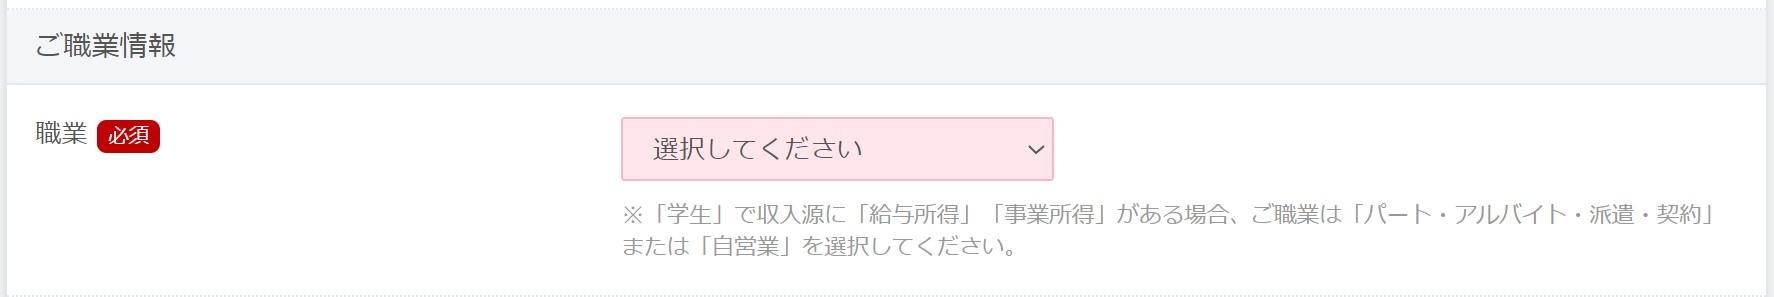 FX口座開設_入力情報3